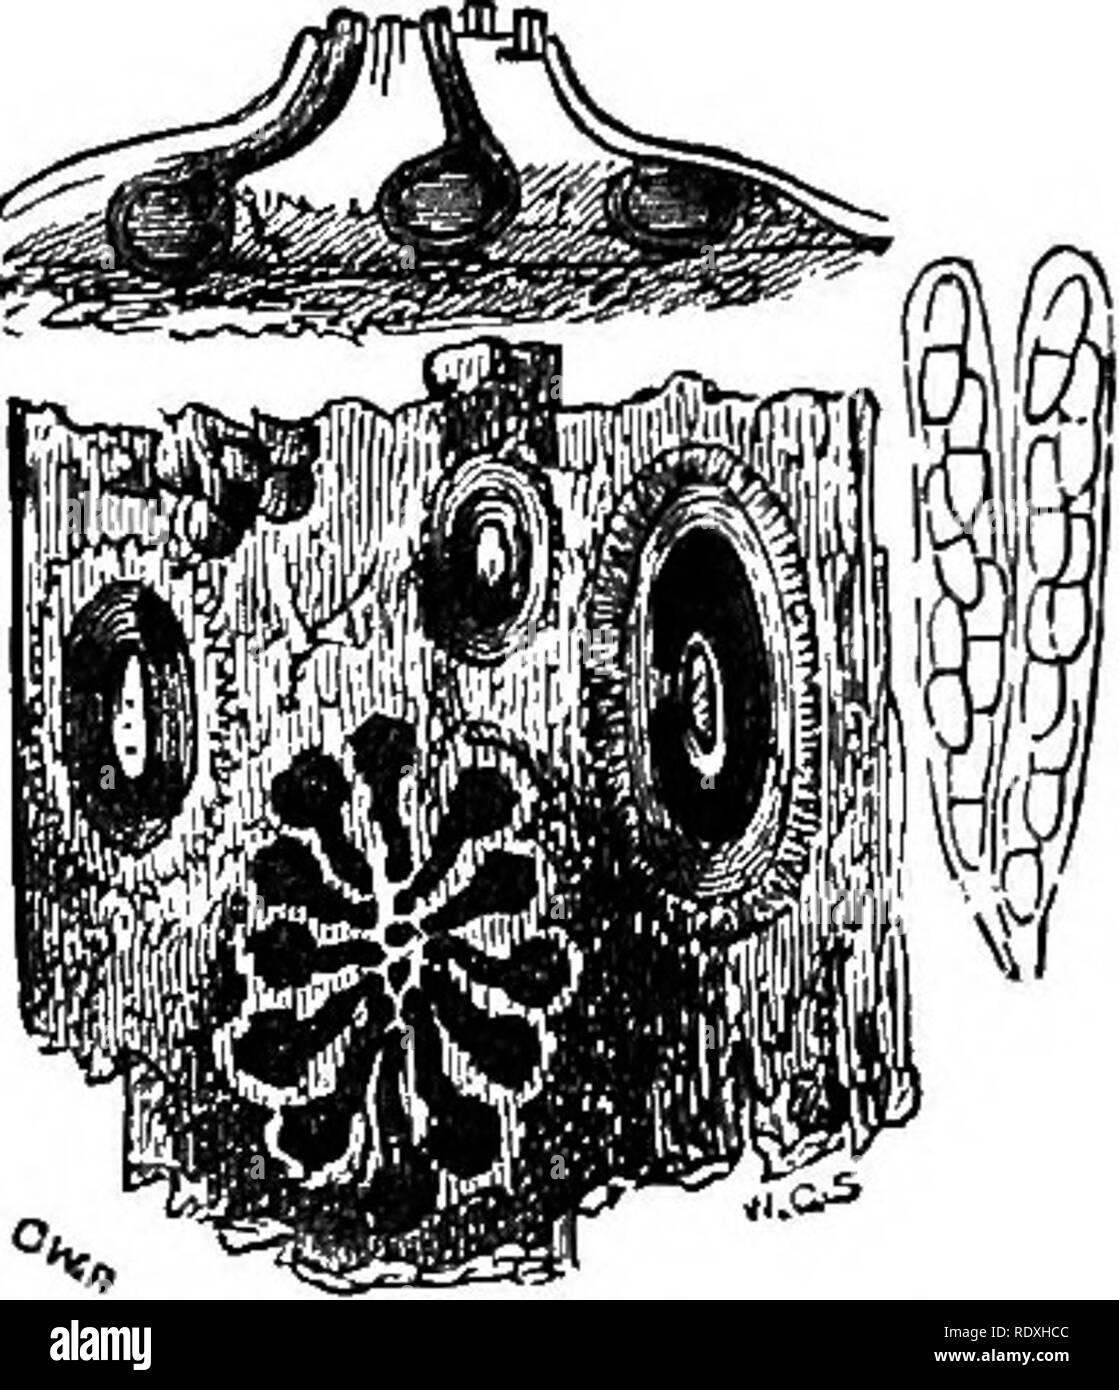 . Einführung in das Studium der Pilze; ihre organography, Klassifizierung und Verteilung, für die Verwendung von Sammlern. Pilze. DICHOCARPISM 67 die Oberfläche der Tuberkel, Empfänger, von der Flucht für einige Zeit Wellen entweder der reinen spermatia oder Der spermatia gemischt mit stylospores. Beide sind eiförmig, aber die spermatia sind ungefärbt und viel kleiner als die stylospores, die so schwarz sind wie die Sporen eines Melanconium. Diese beiden Zitate sind als Aussteller, was wir gefordert haben Dicho - carpism, wie es war, um die Ansicht einer, der sehr viel in der Demonstration der Tatsache, dass vollendet präsentiert gegeben Stockfoto